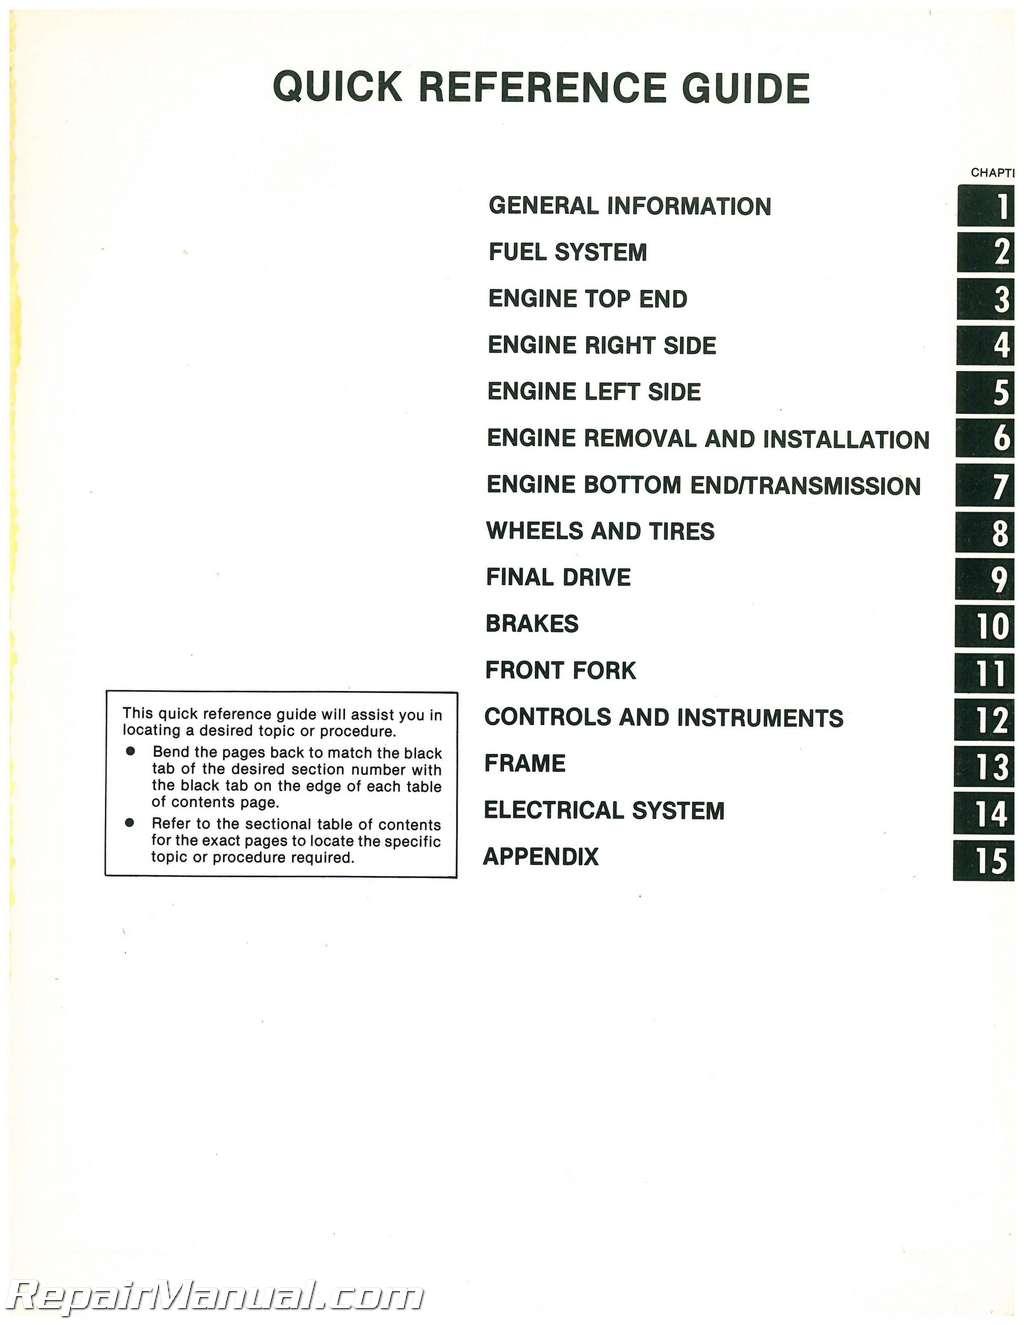 Kawasaki Klt 200 Wiring 1983 Diagram